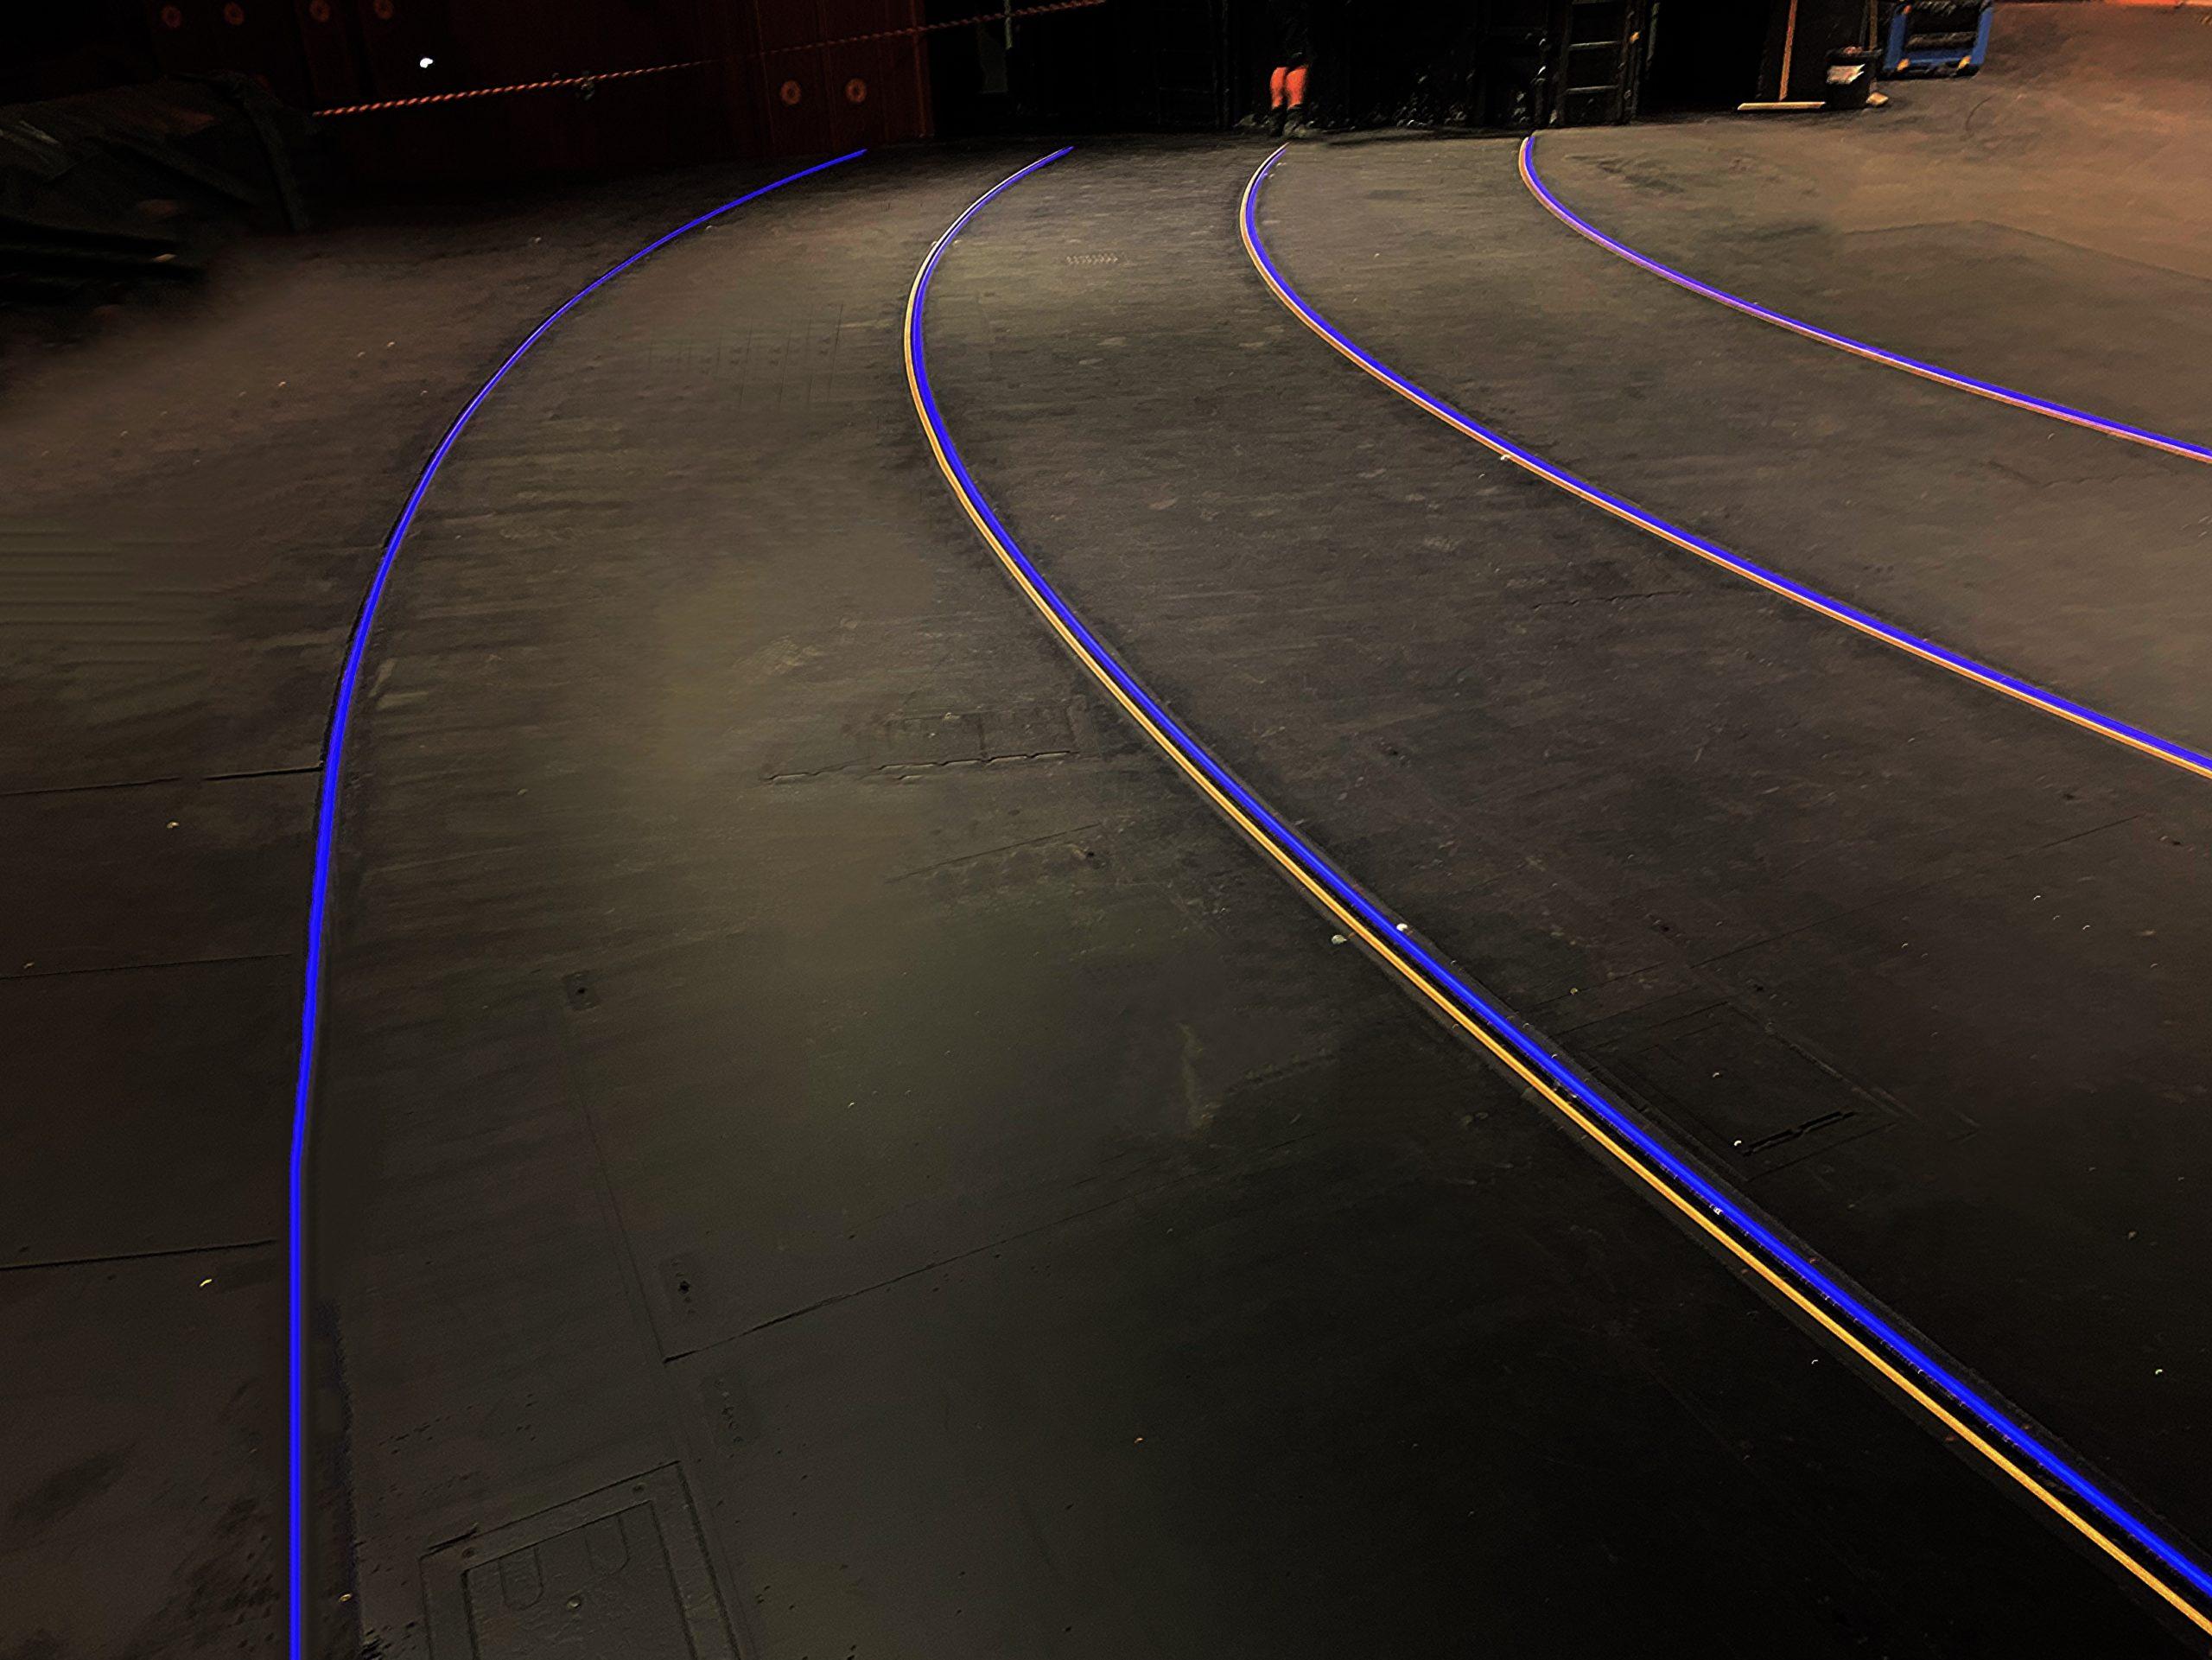 Runde Bühne mit integrierter Kantenbeleuchtung. Die Beleuchtung an der Absturzkante leuchtet in weiß und blau.